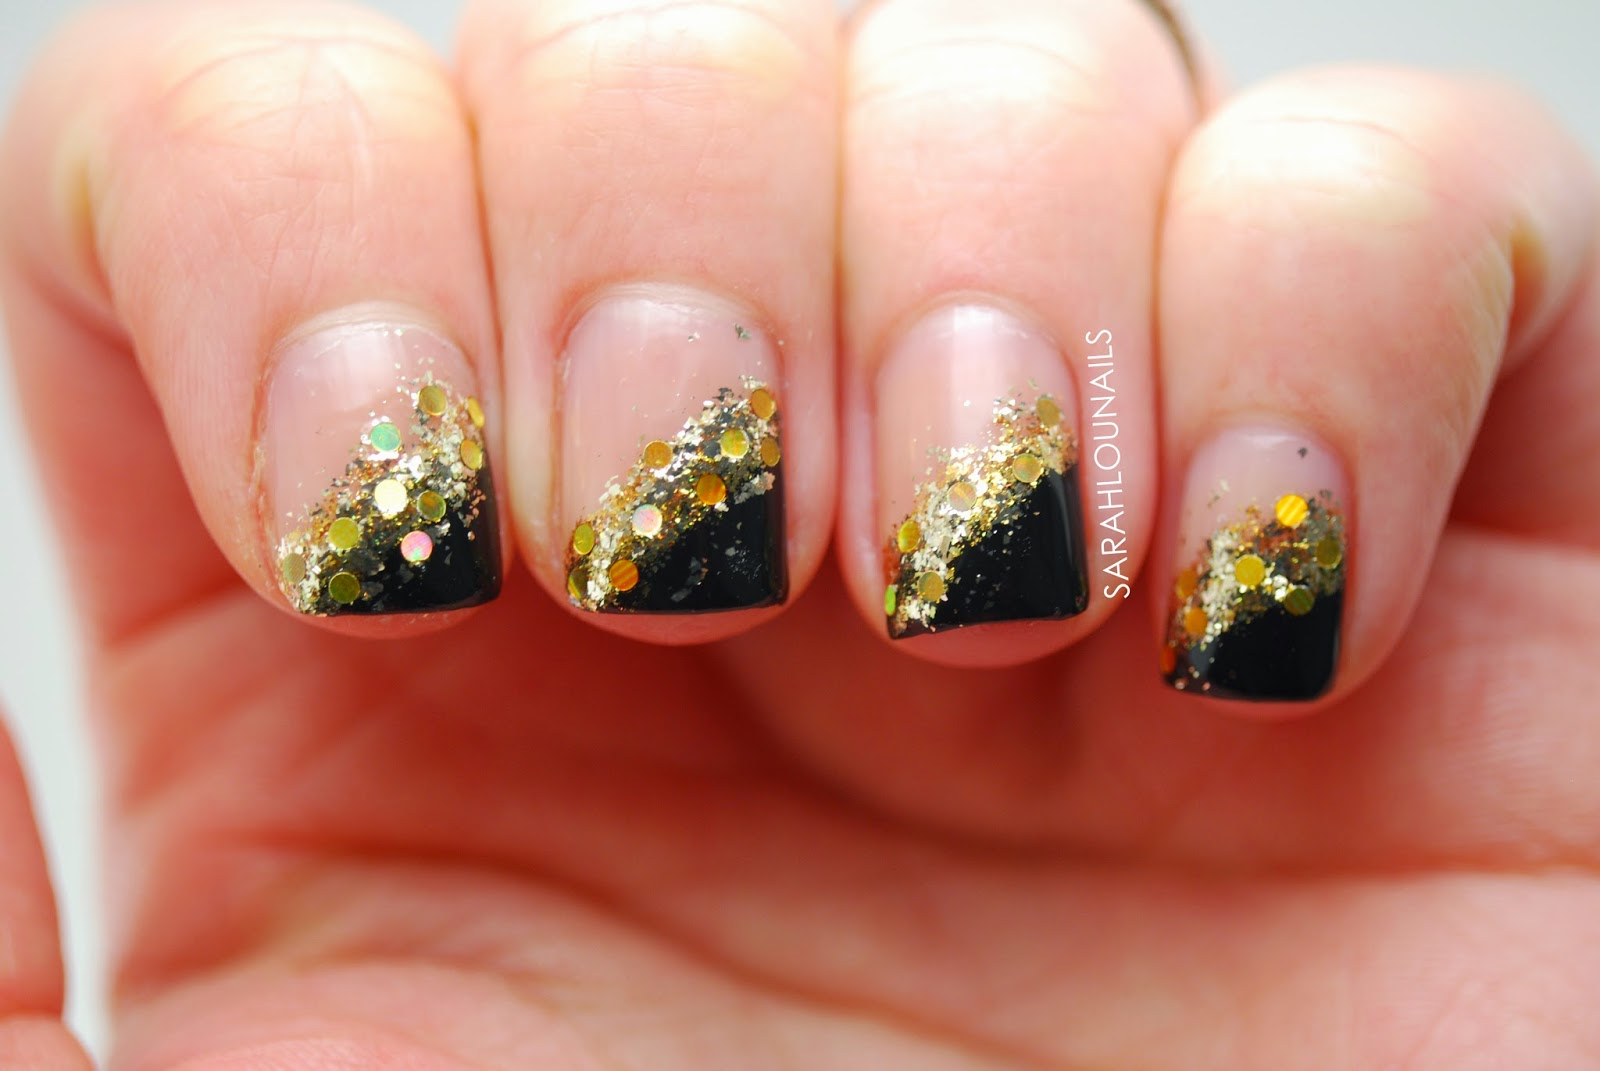 Sarah Lou Nails: New Years Eve 2014 Nails!